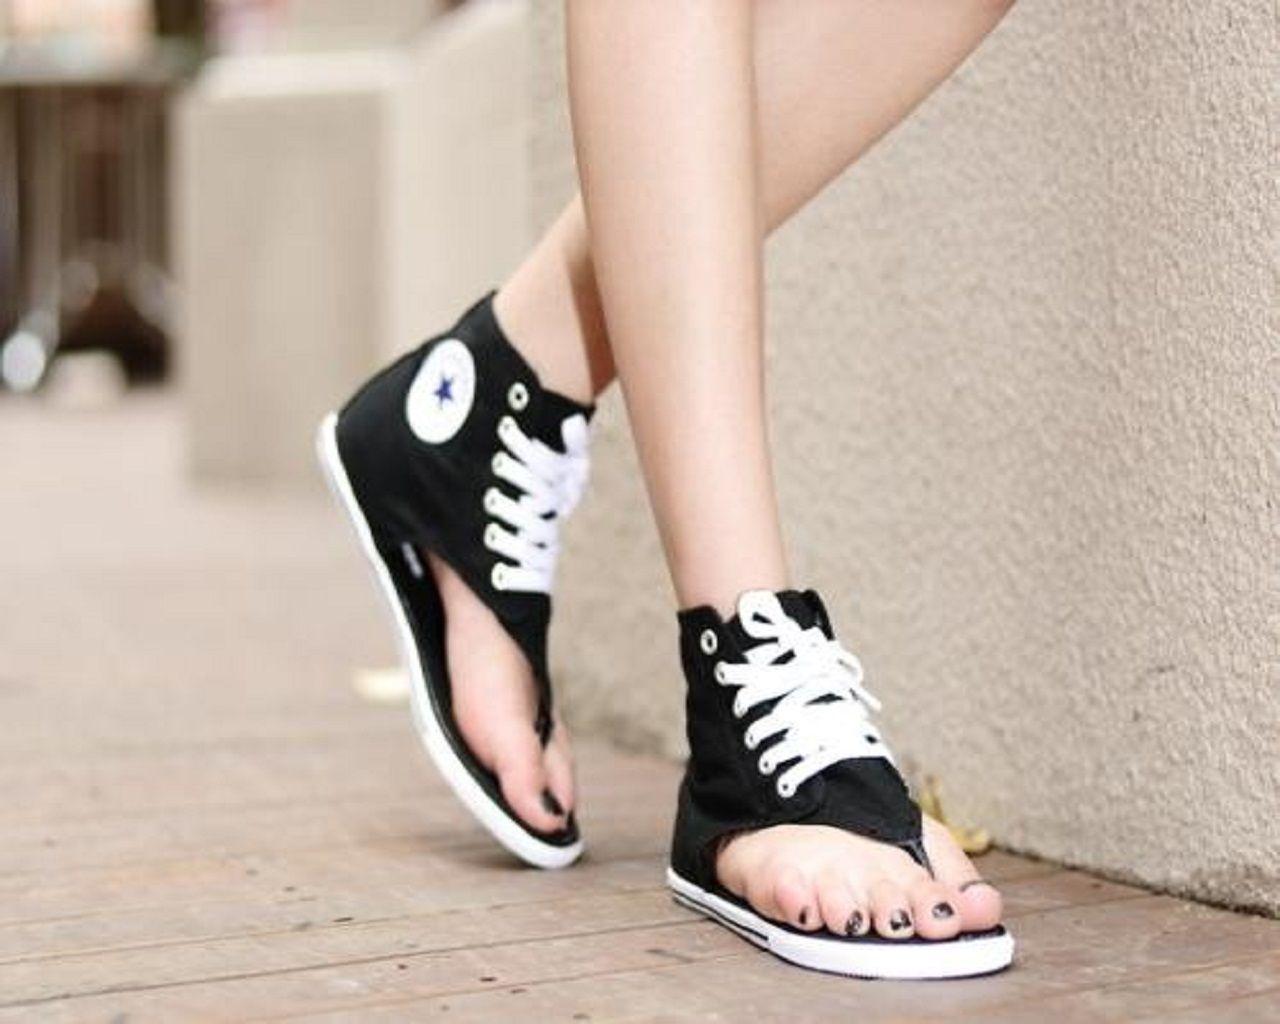 a598d25f343a96 Vesa Sports  All Star Thong Sandals(Black) Converse Sandals